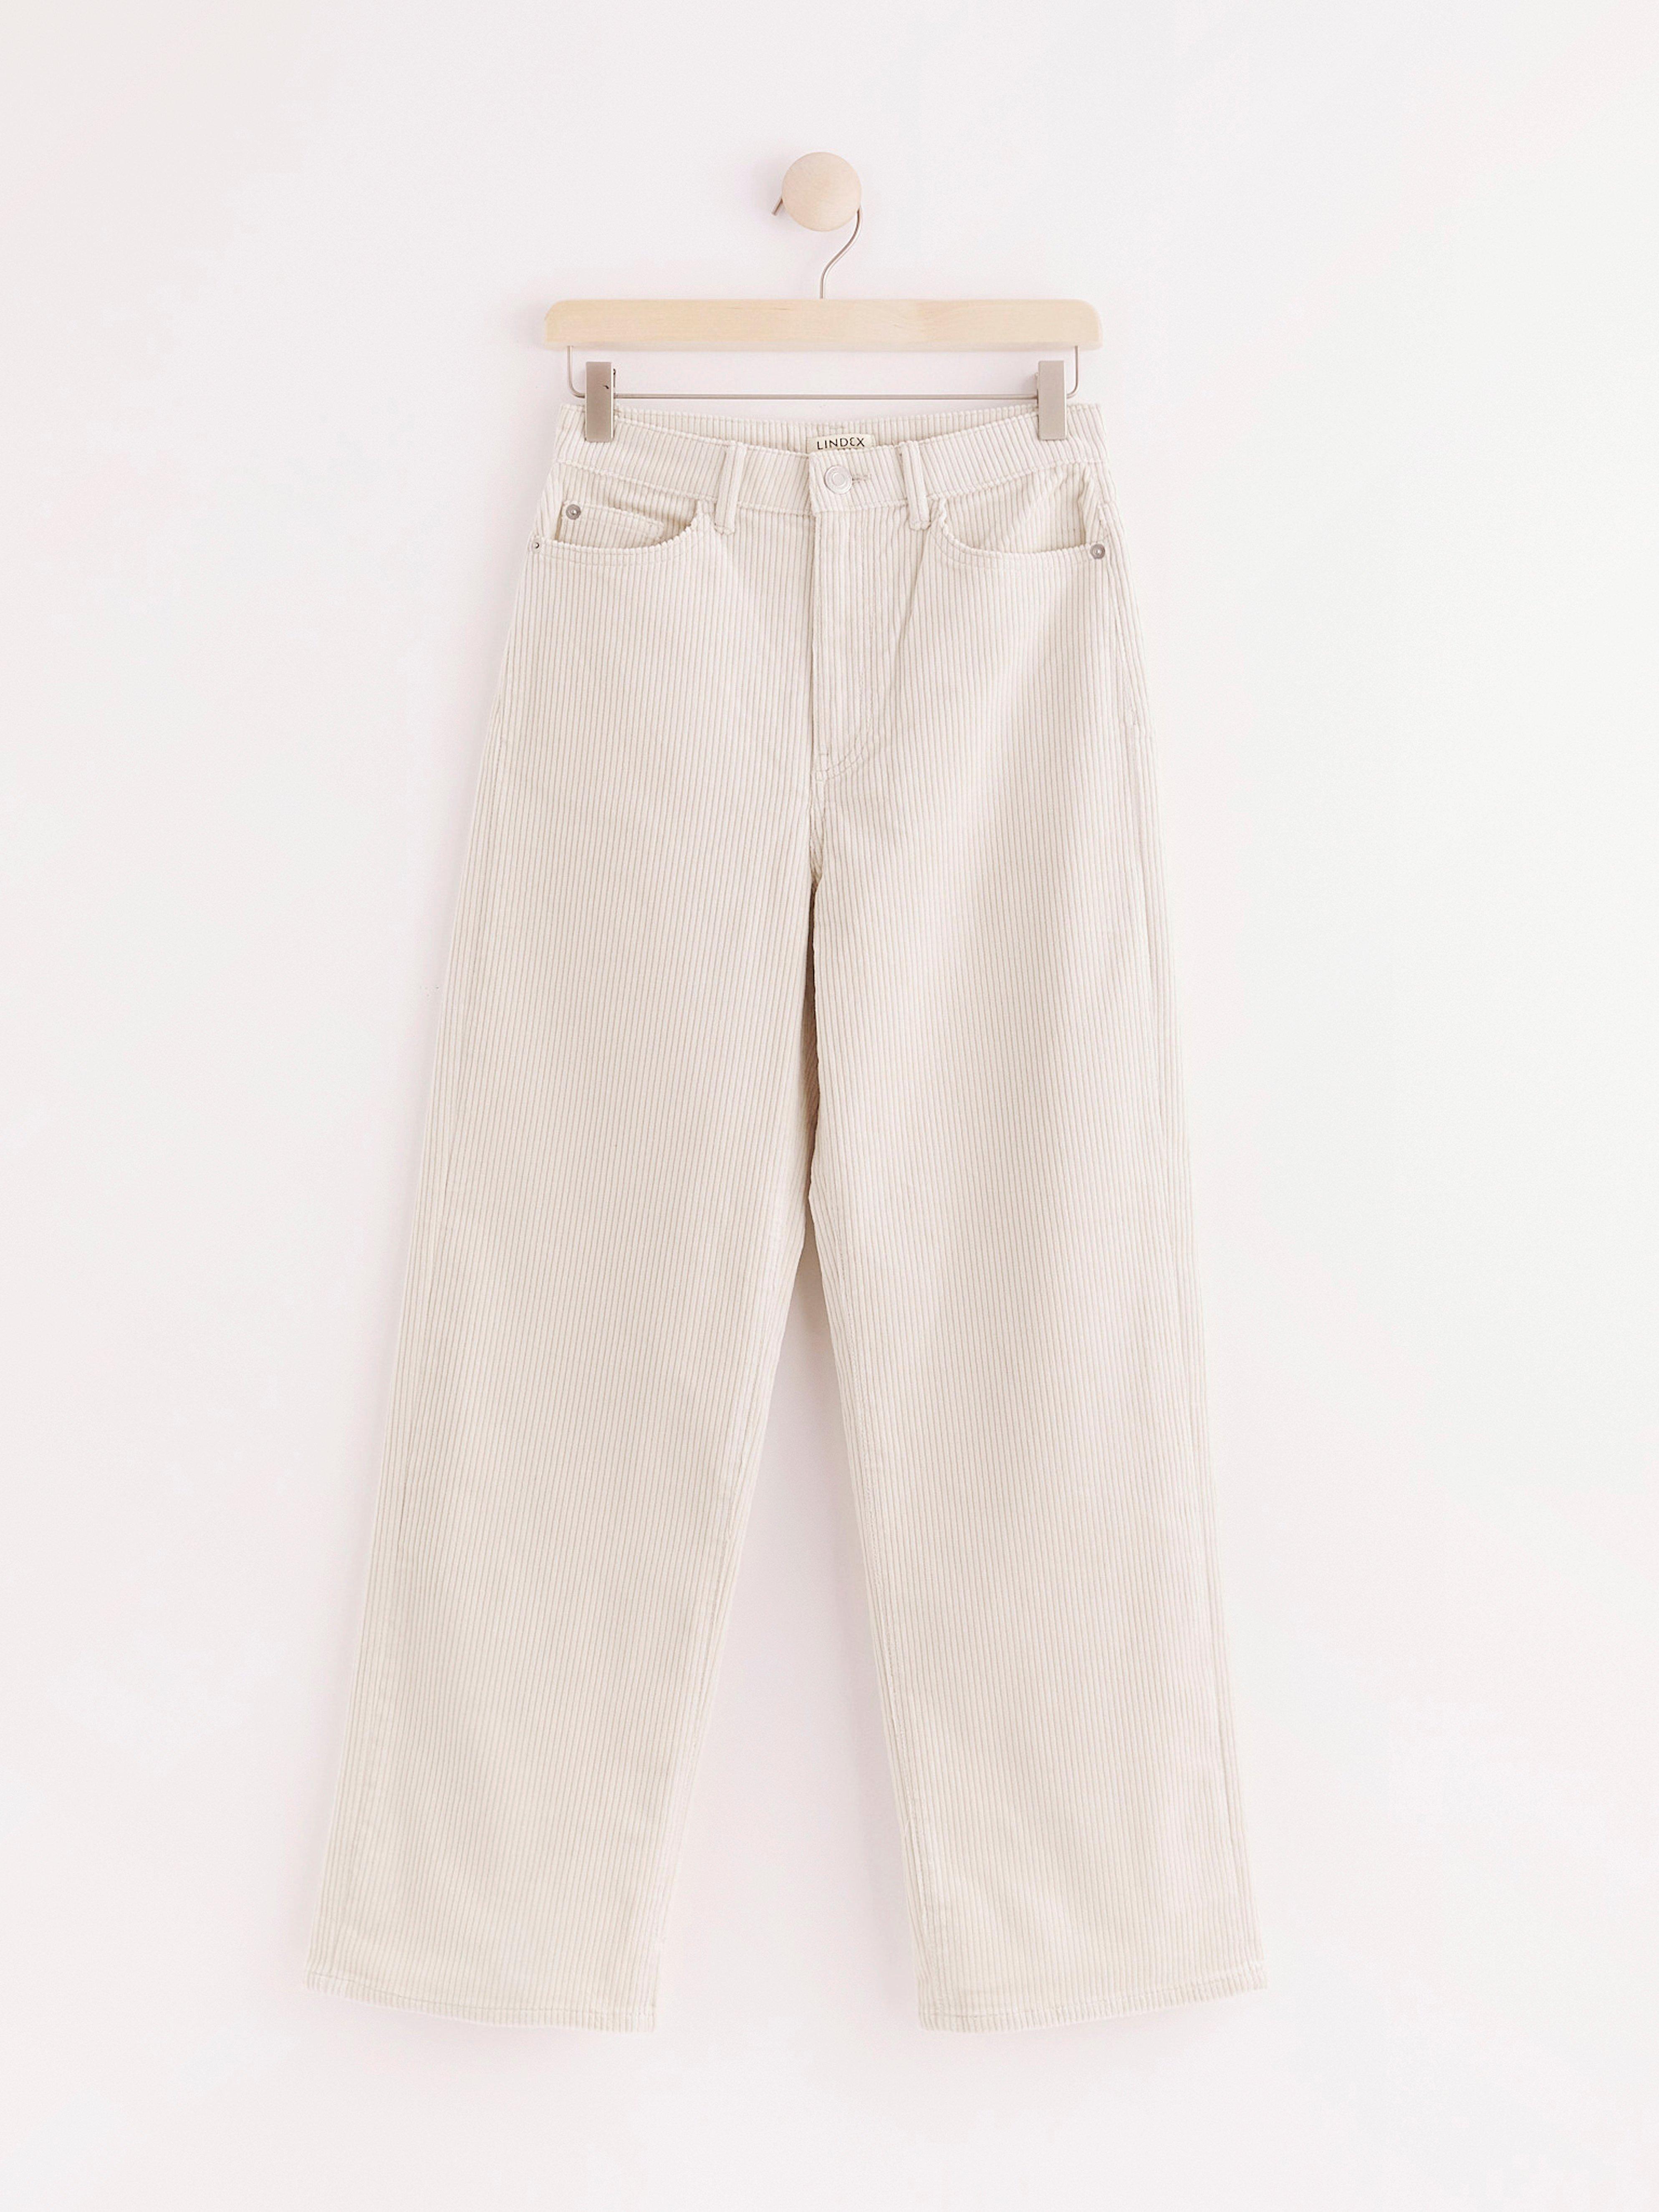 32\u201d Waist Superwide Red Linen High Waist Trousers